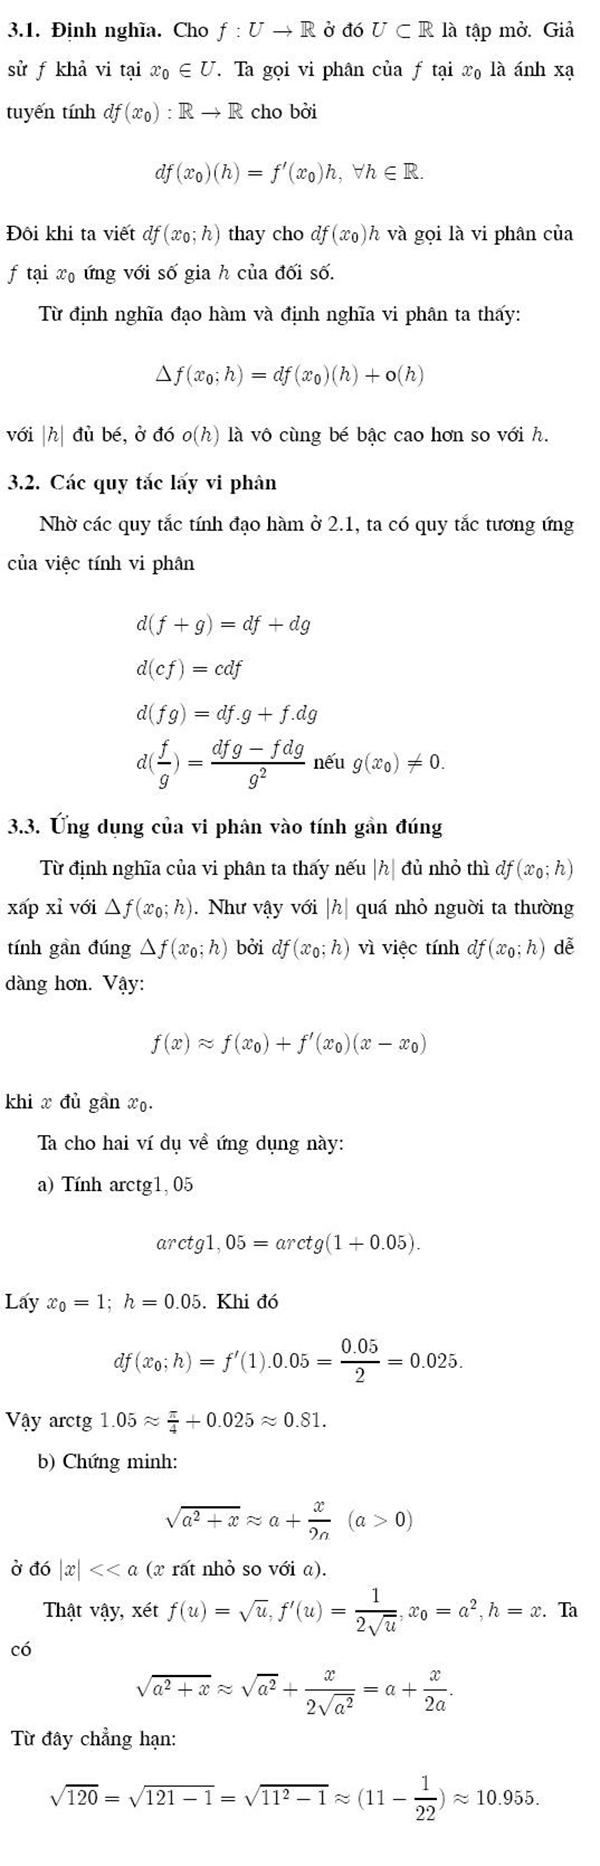 Vi phân và ứng dụng của vi phân vào phép tính gần đúng-1